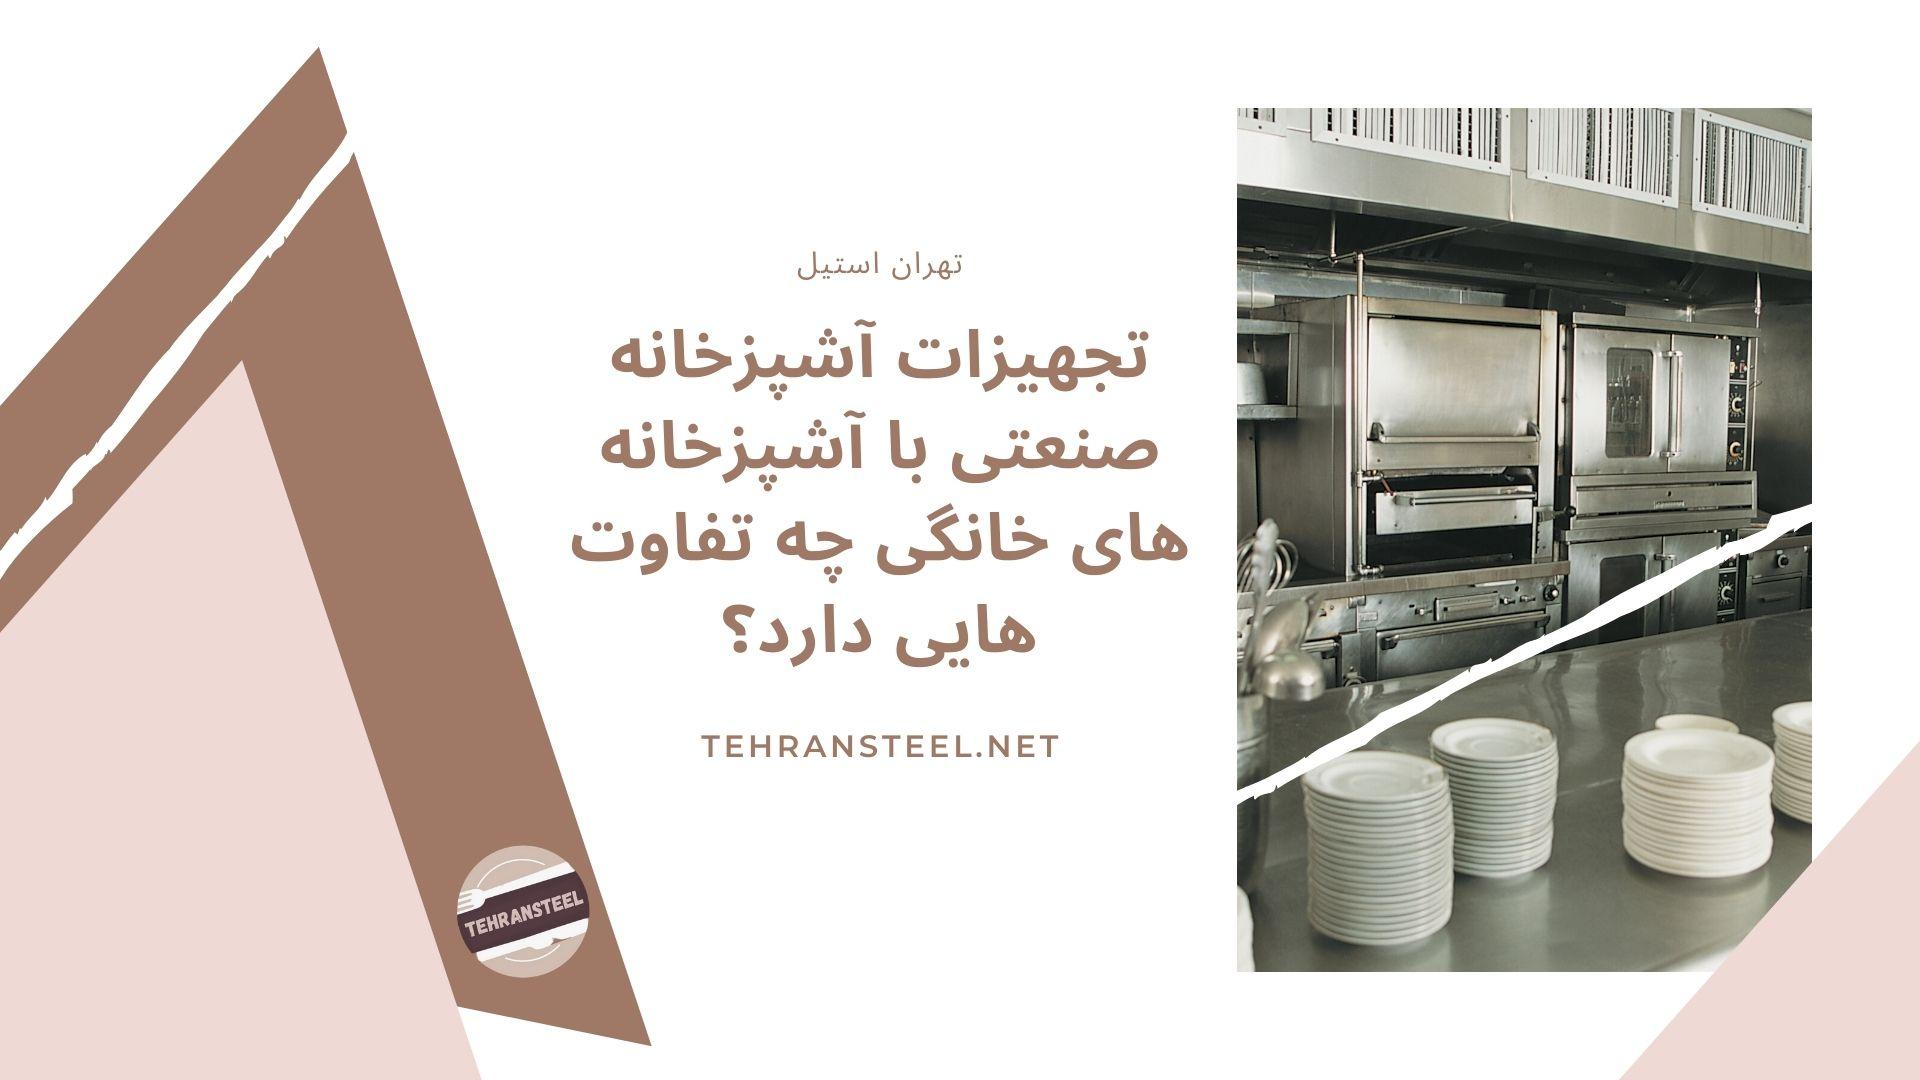 تجهیزات آشپزخانه صنعتی با آشپزخانه های خانگی چه تفاوت هایی دارد؟